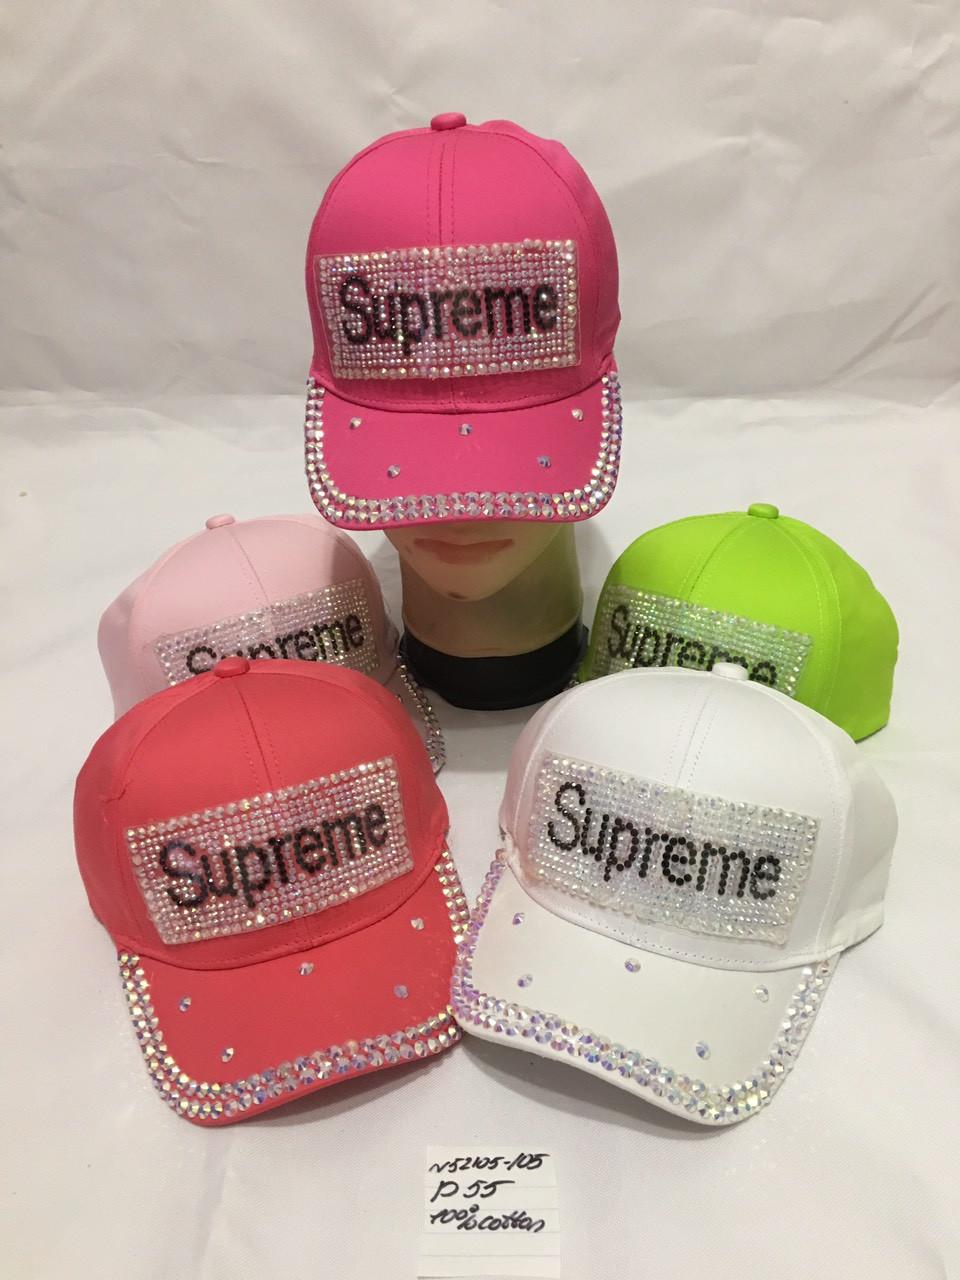 Дитяча стильна кепка для дівчинки Supreme р. 55 100% cotton